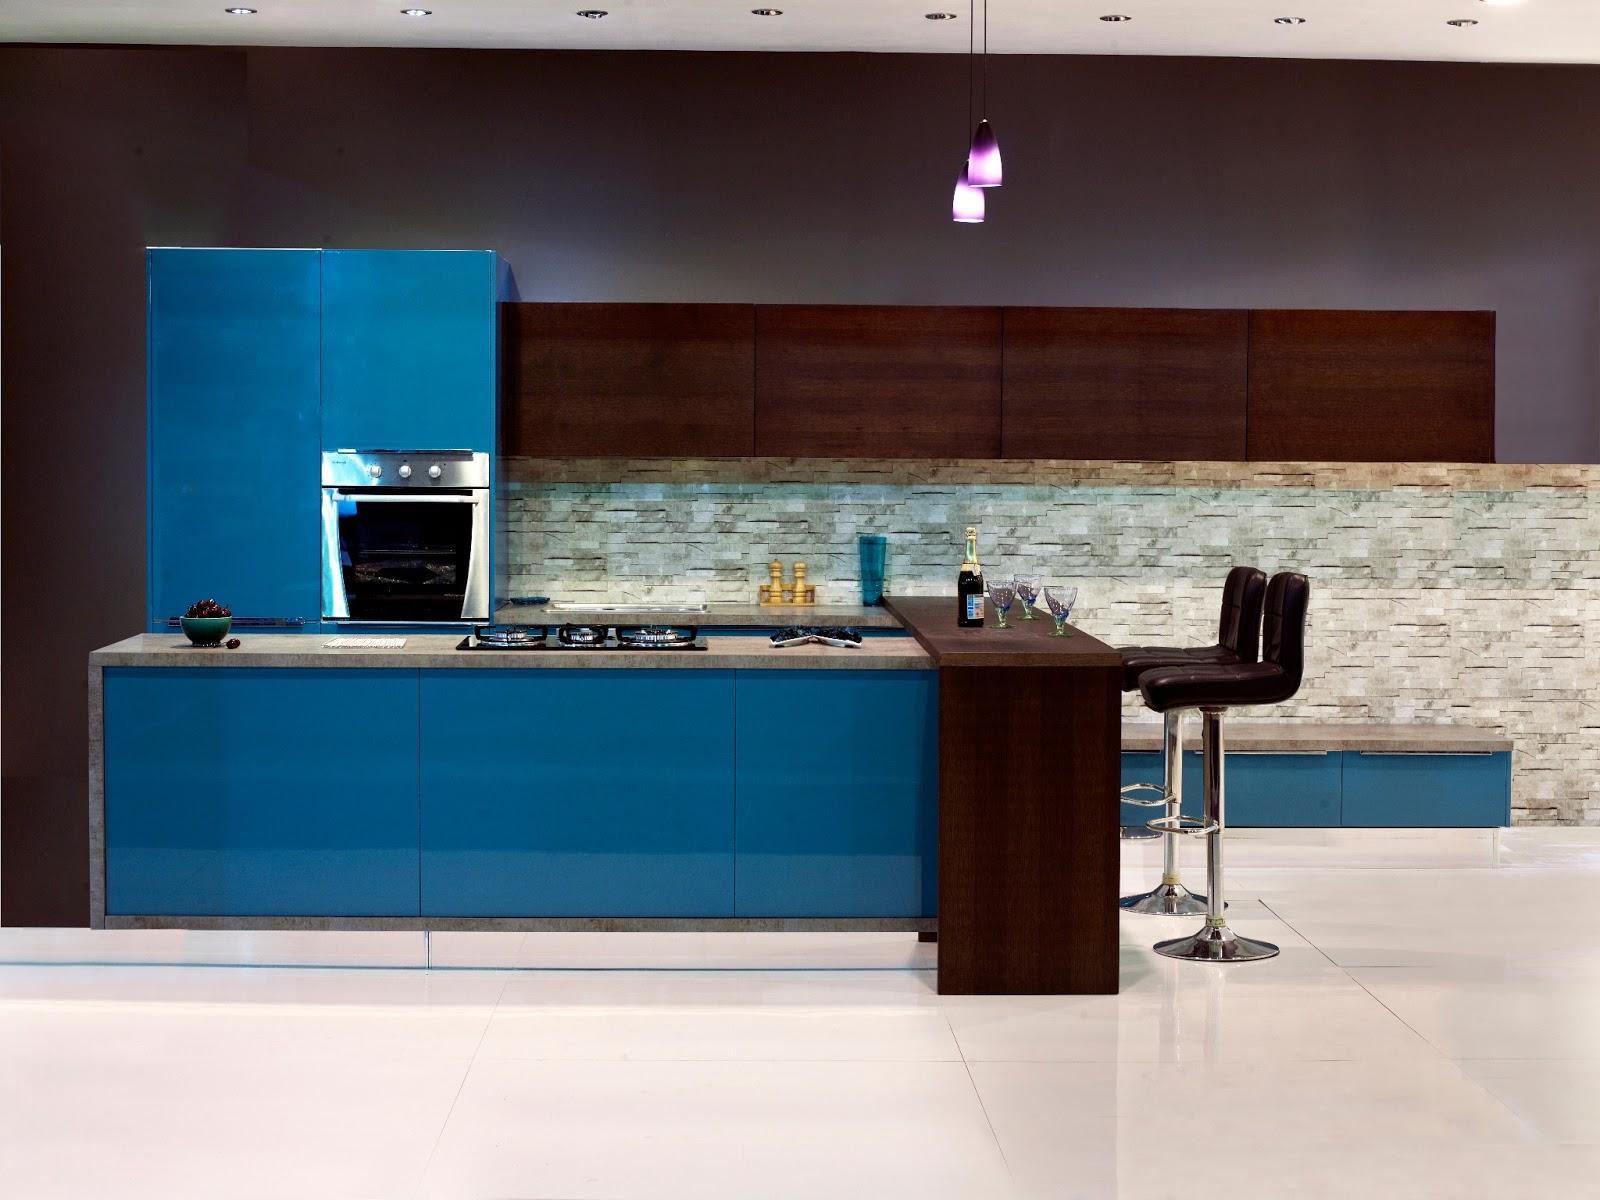 sleek modular kitchen v s carpenter made kitchen how to maintain modular kitchen by sleek. Black Bedroom Furniture Sets. Home Design Ideas